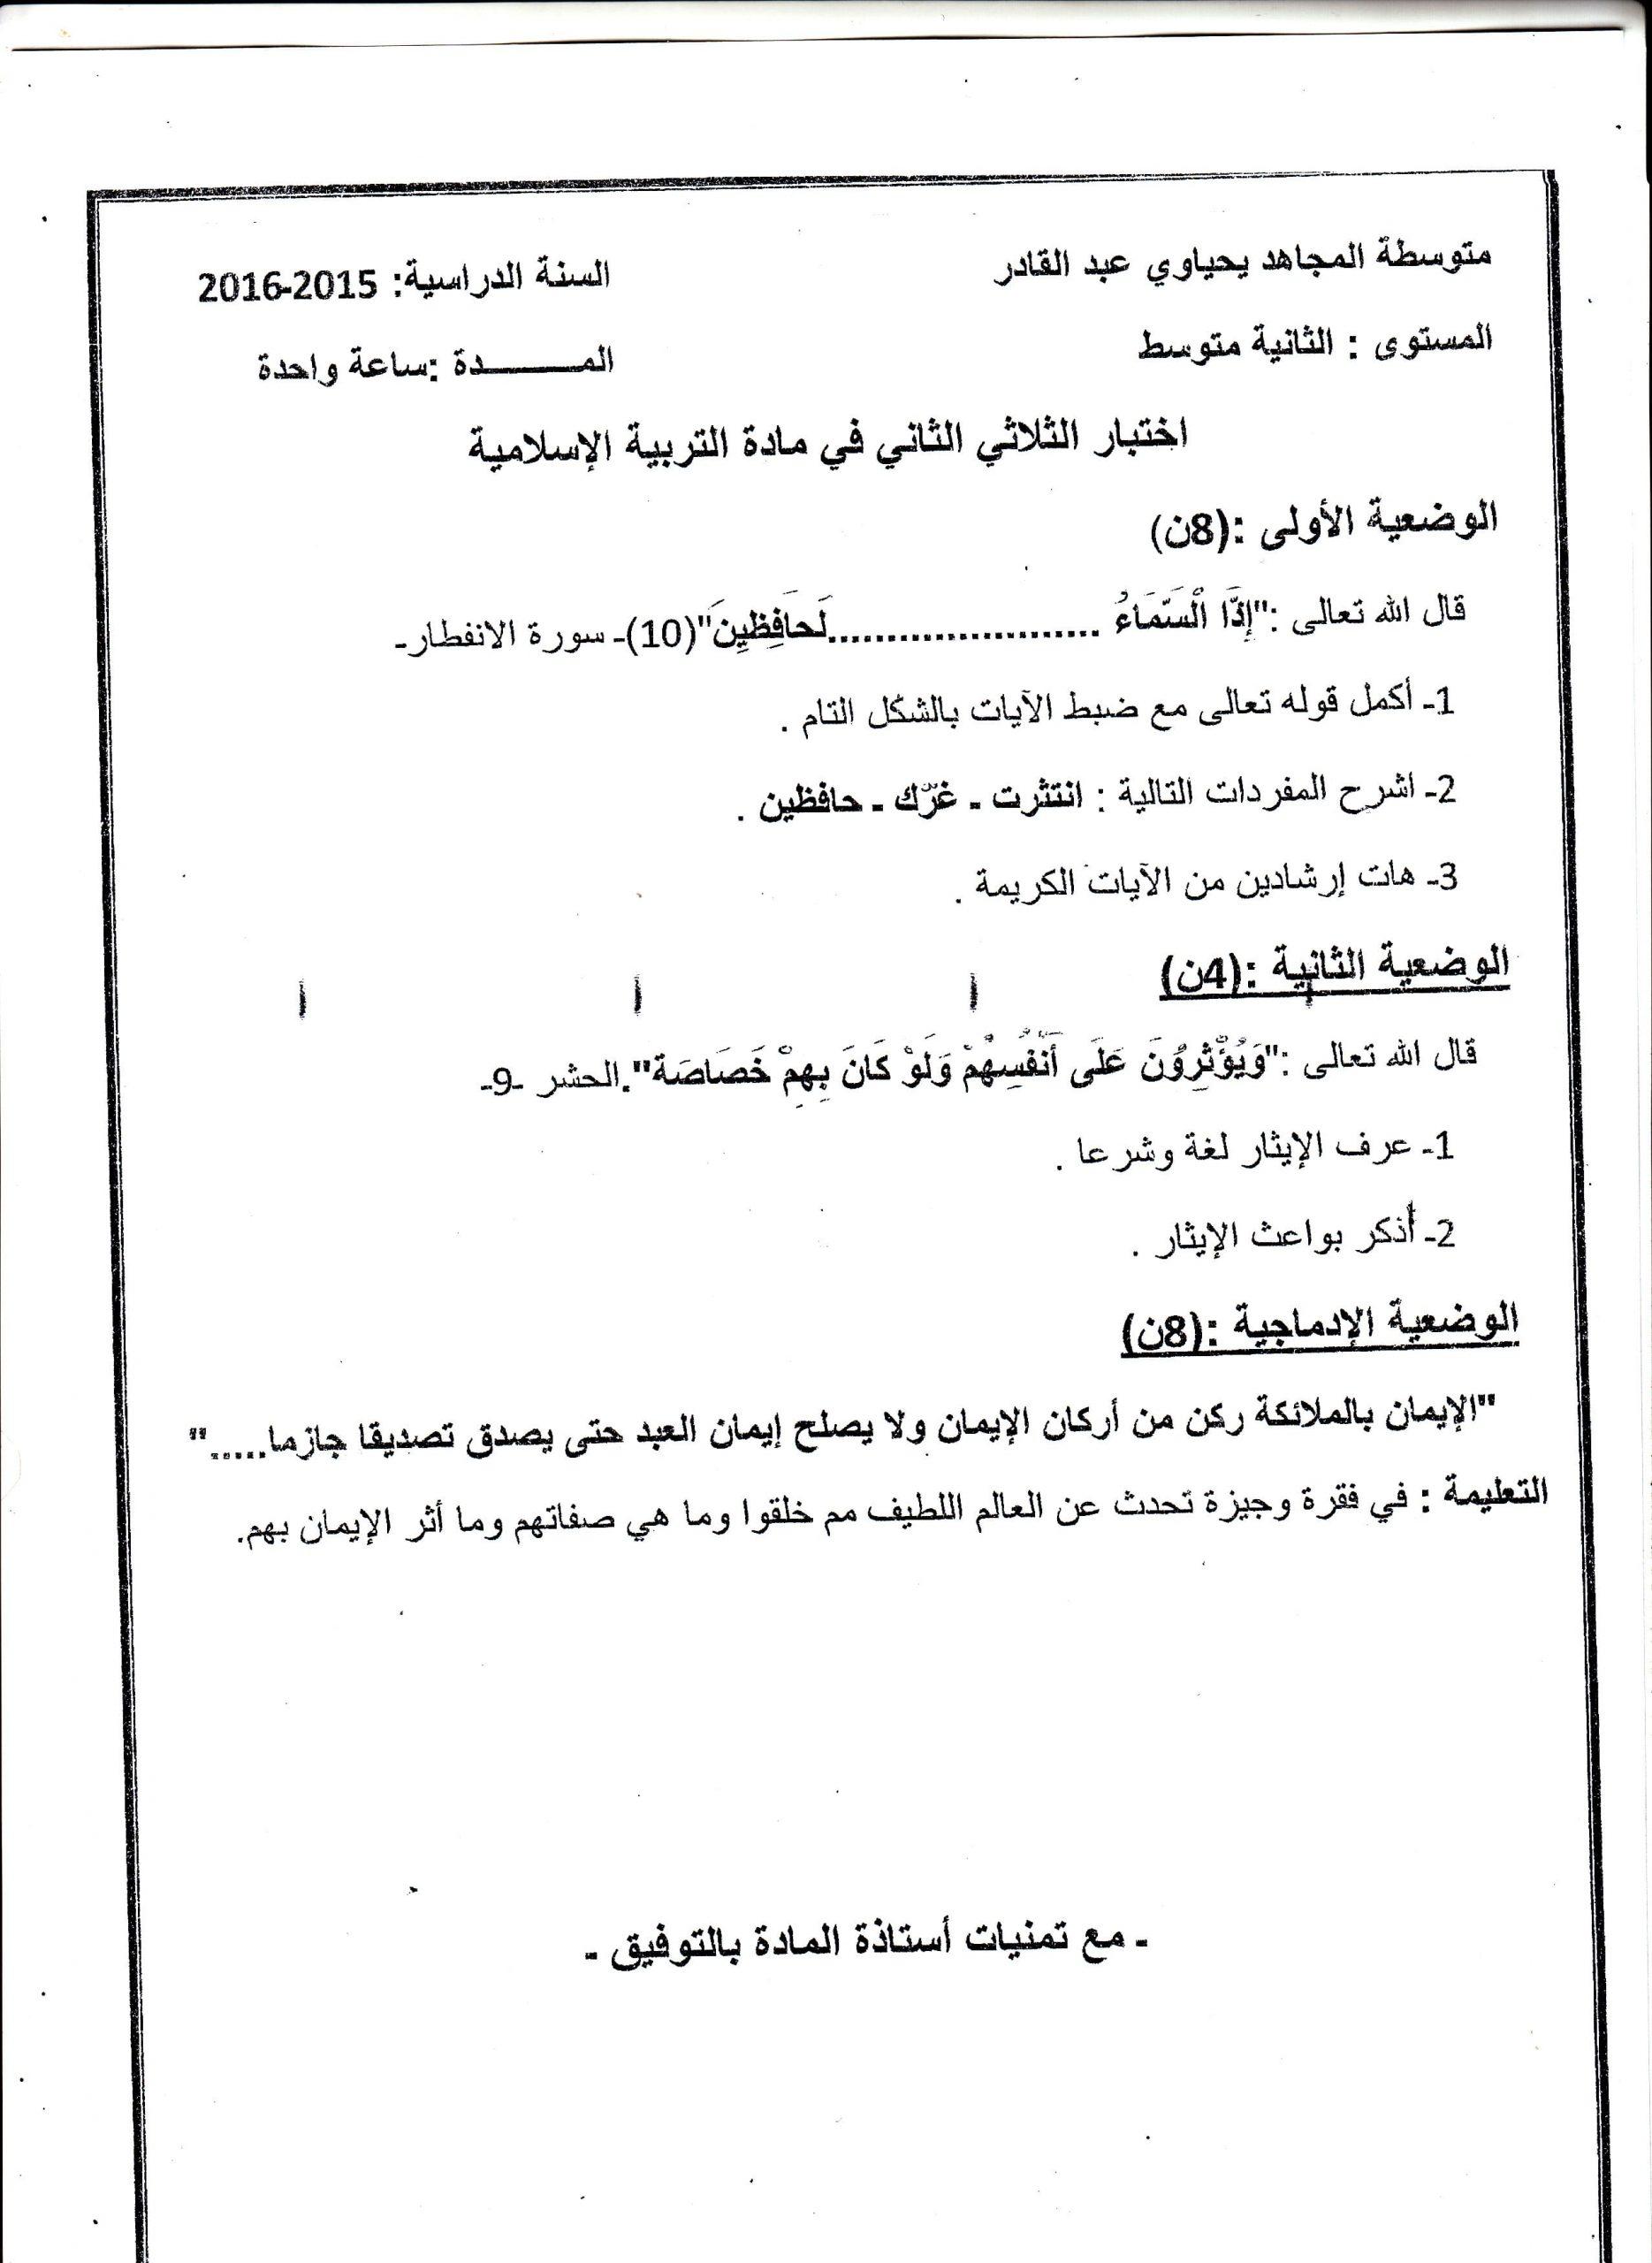 اختبار الفصل الثاني في العلوم الاسلامية للسنة الثانية متوسط - الموضوع 04